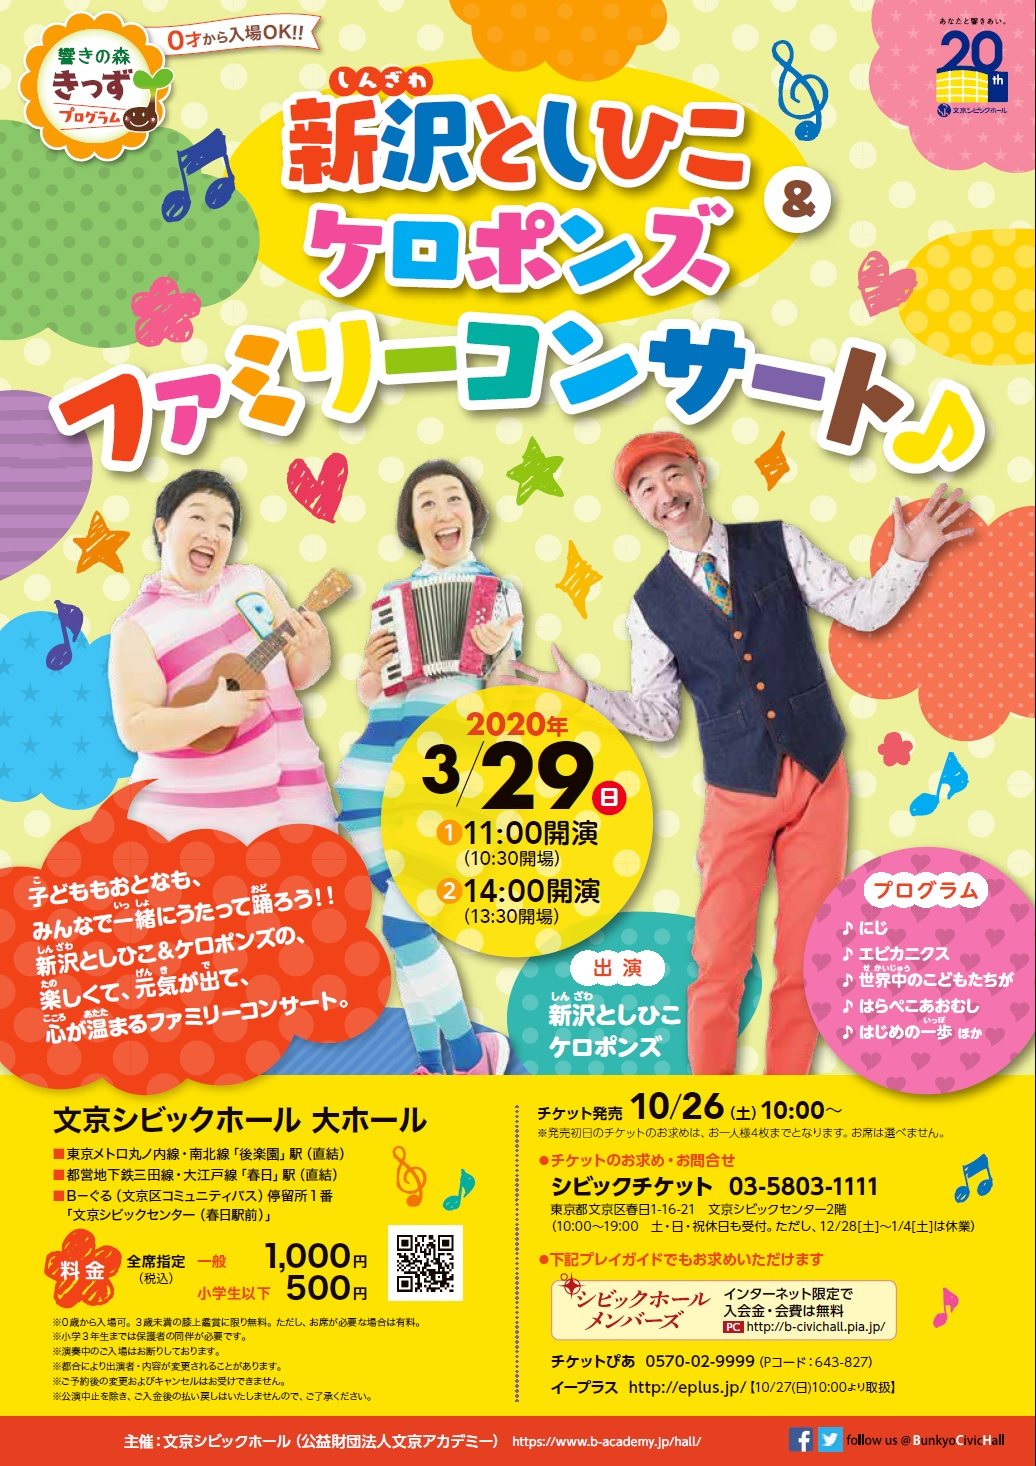 <大ホール>文京シビックホール20周年記念公演  新沢としひこ&ケロポンズ ファミリーコンサート